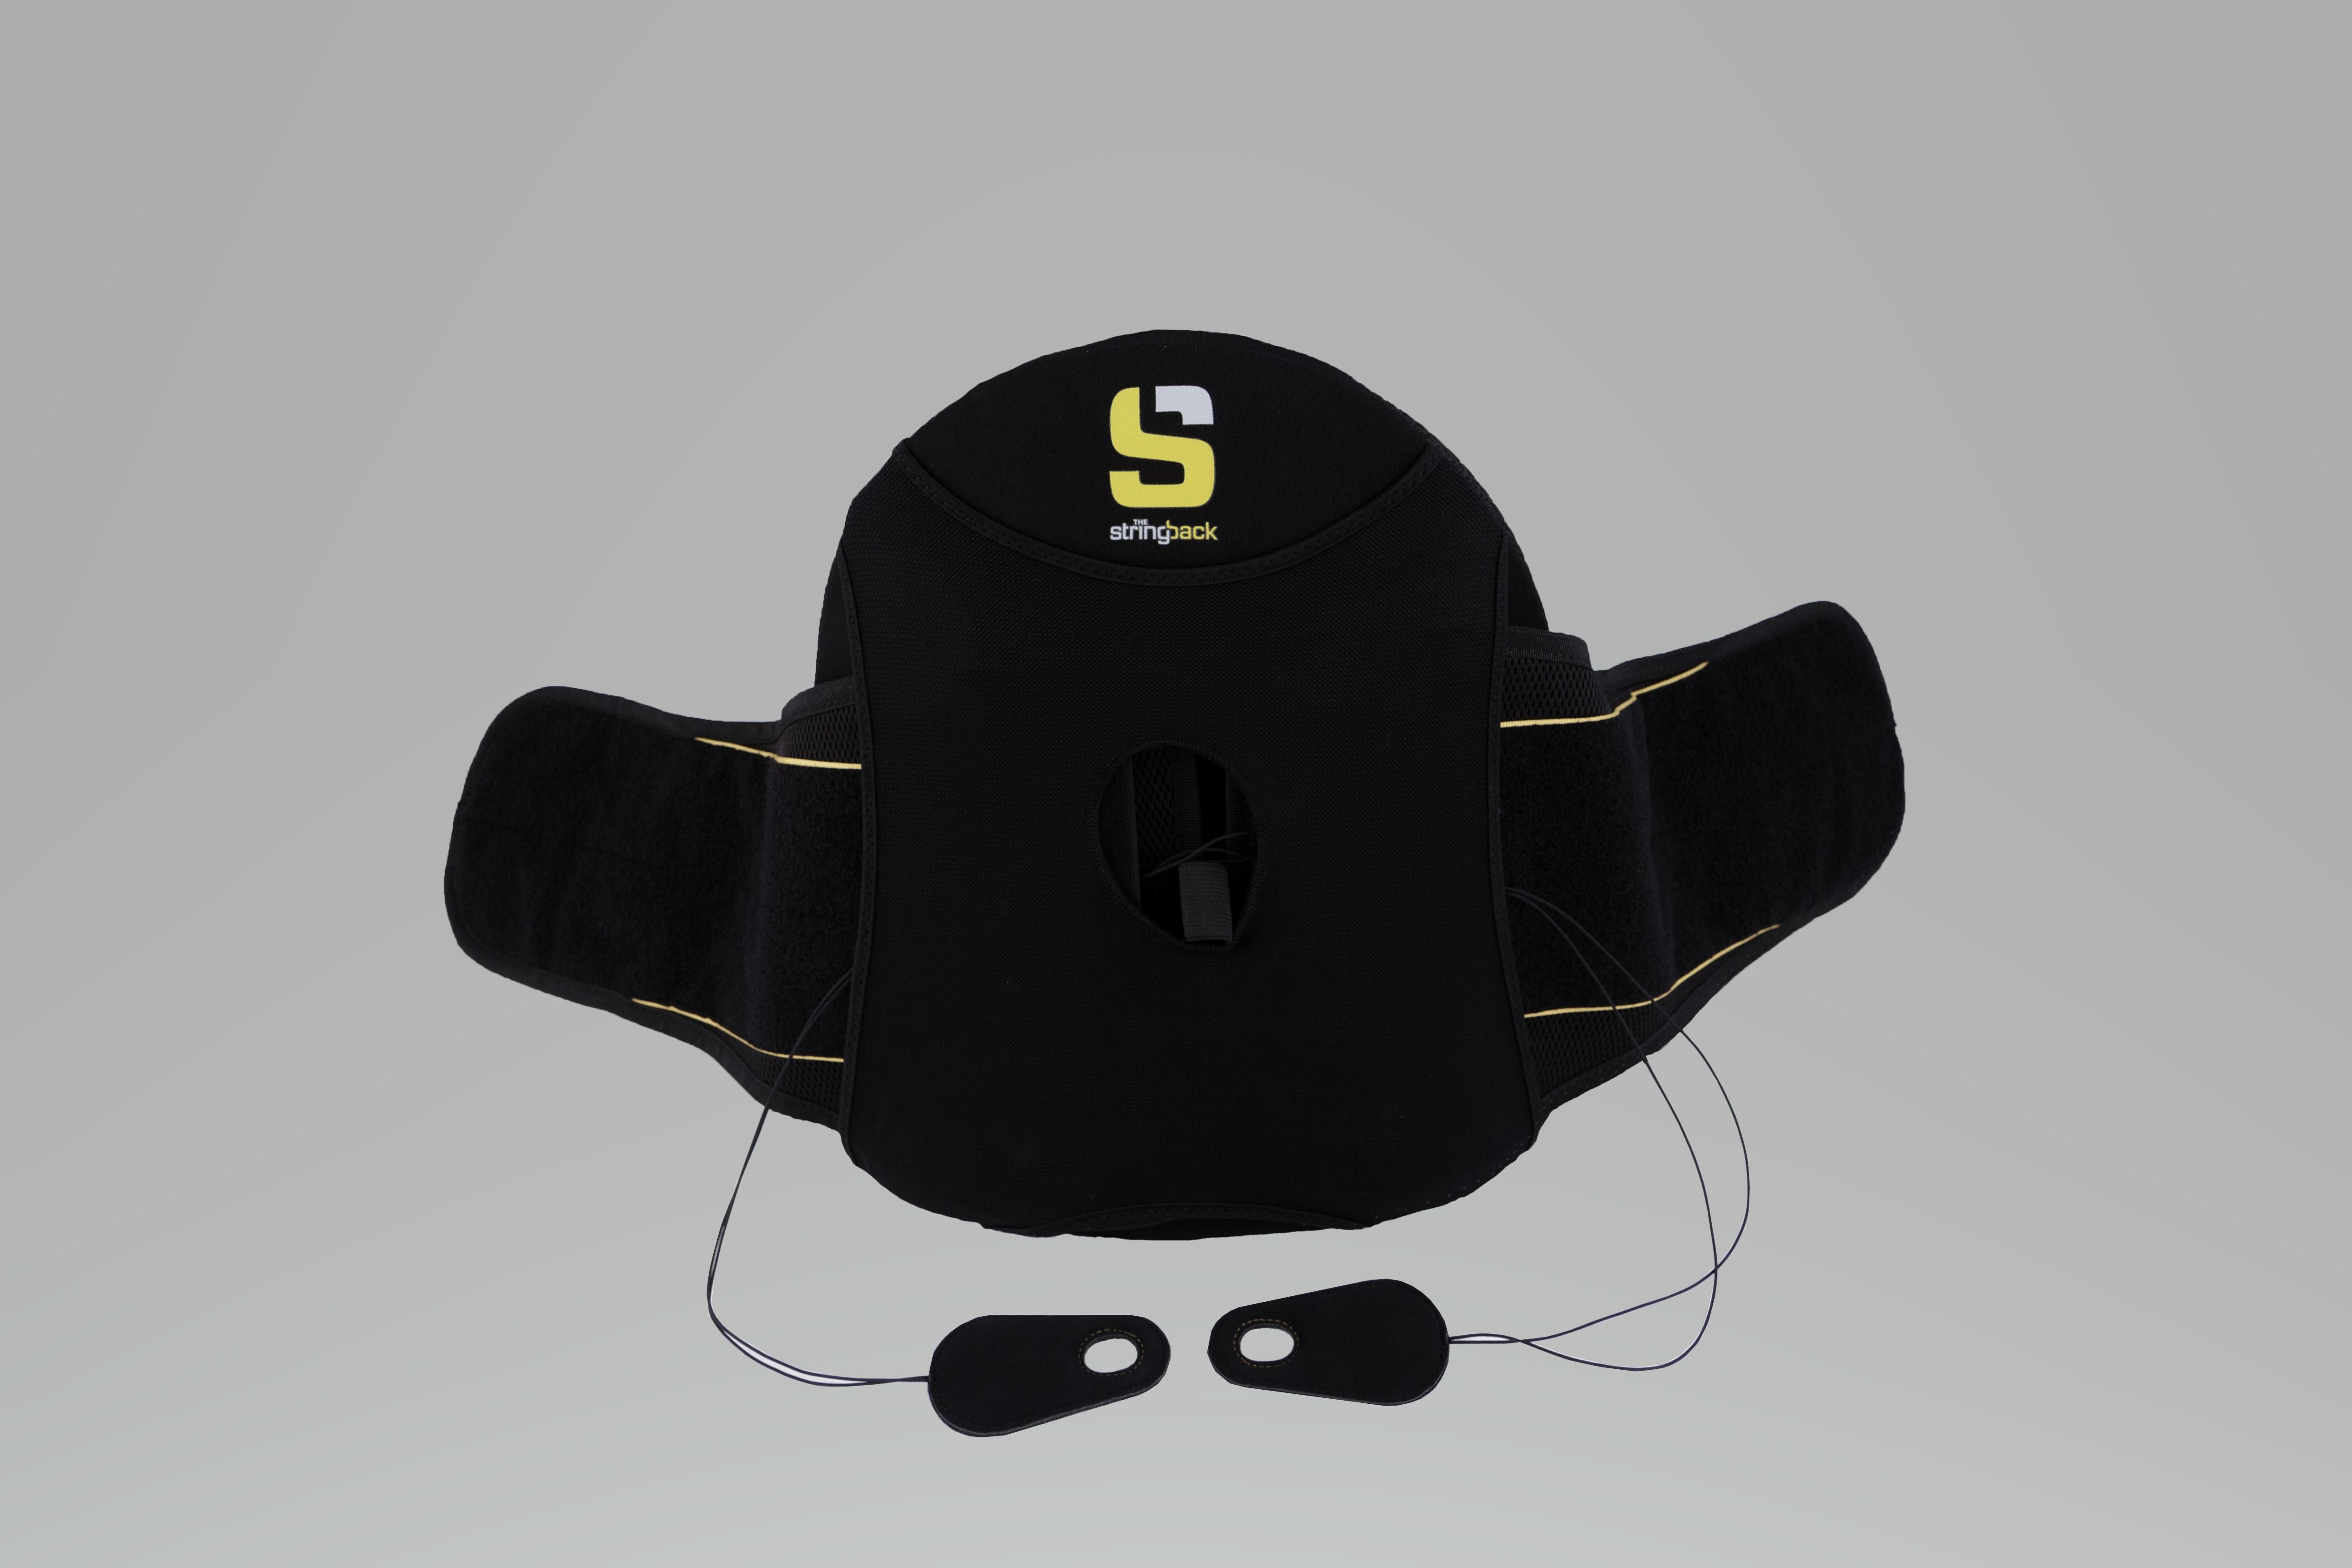 String Back L0650